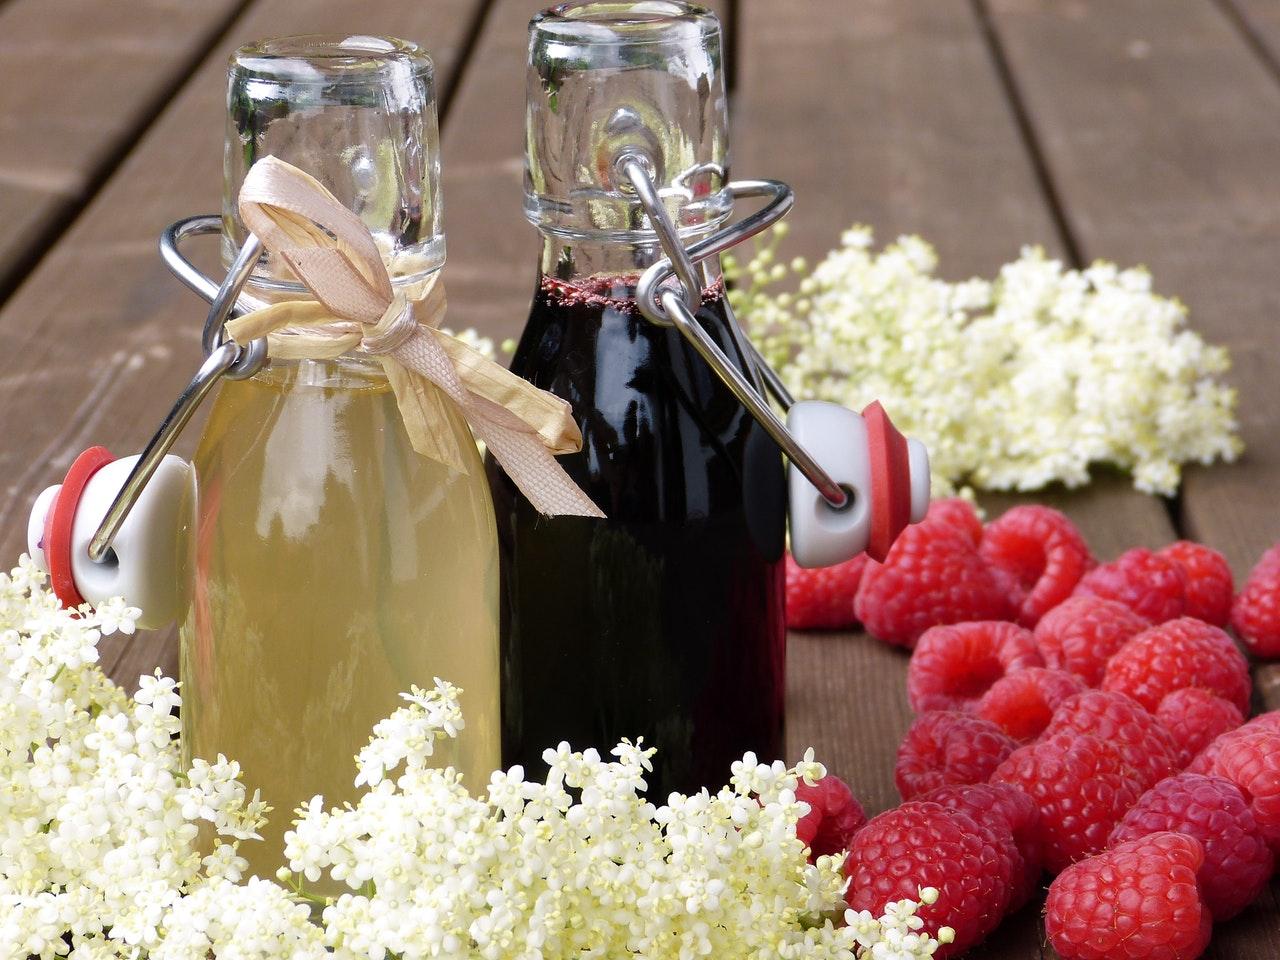 Domowe nalewki lecznicze – poznaj ich zdrowotne właściwości!